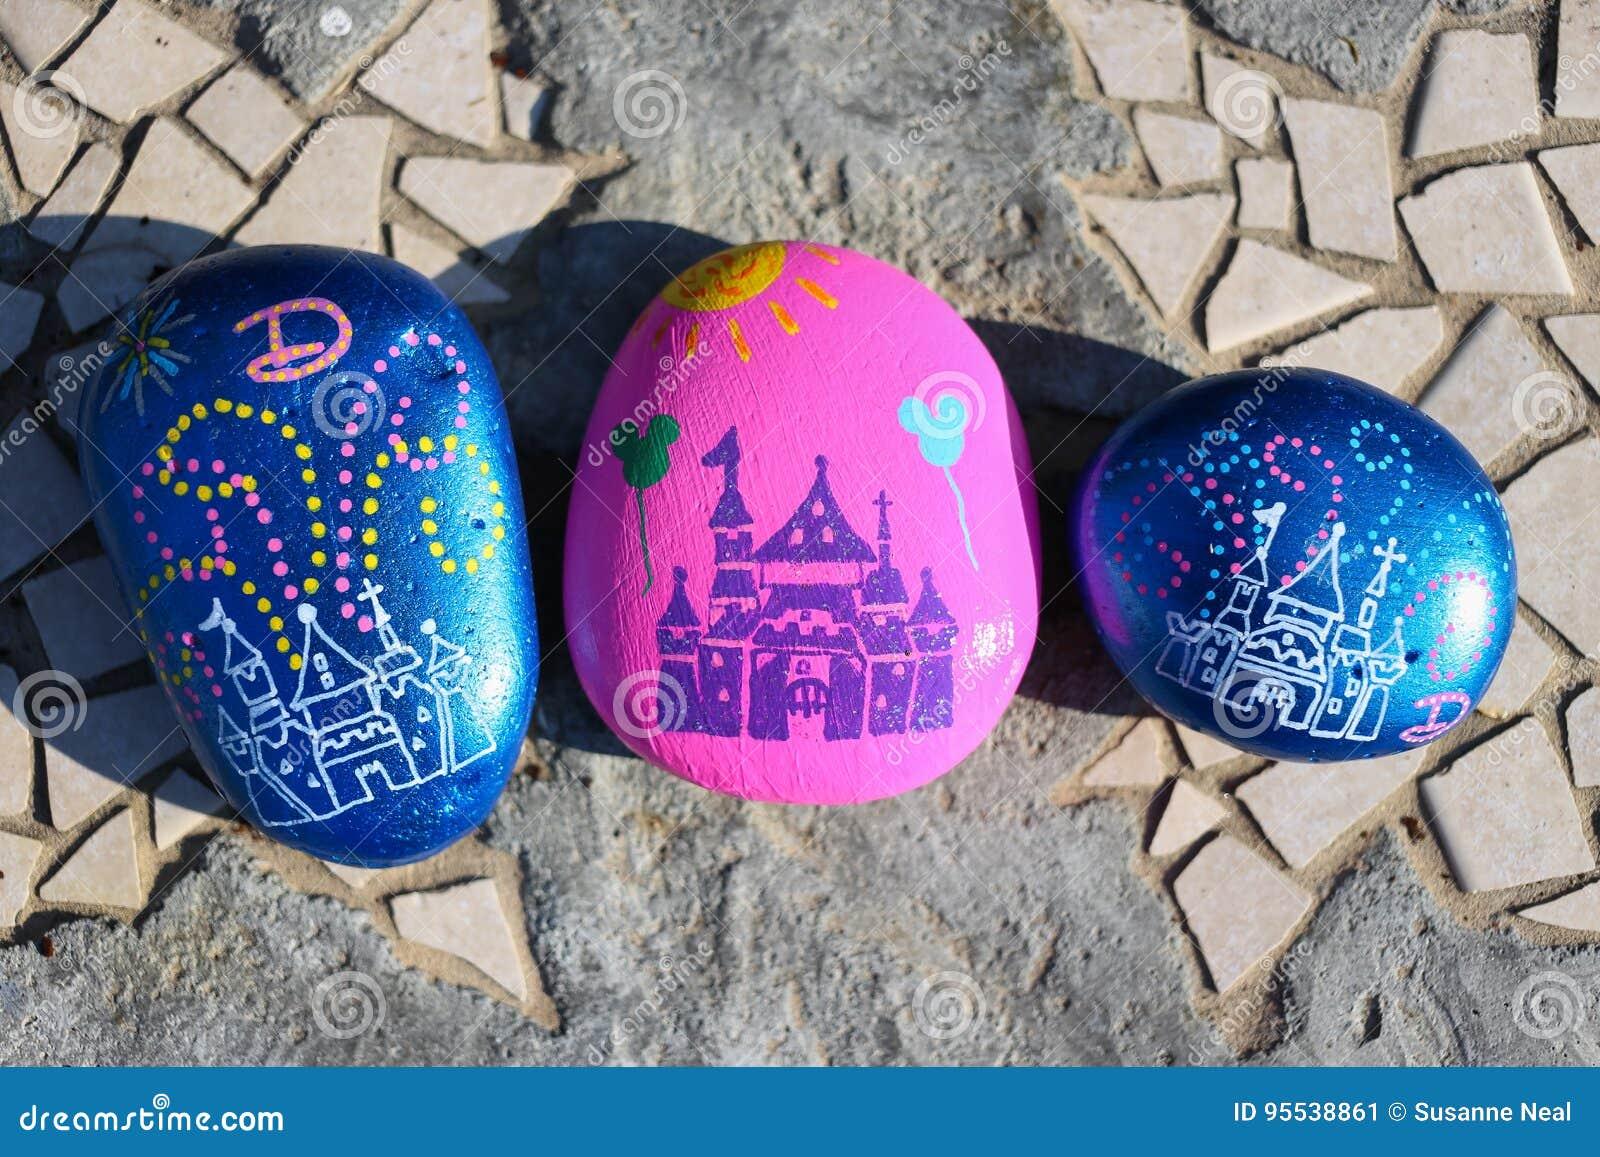 Drei gemalte Felsen, die dem Schloss bei Disneyland ähneln